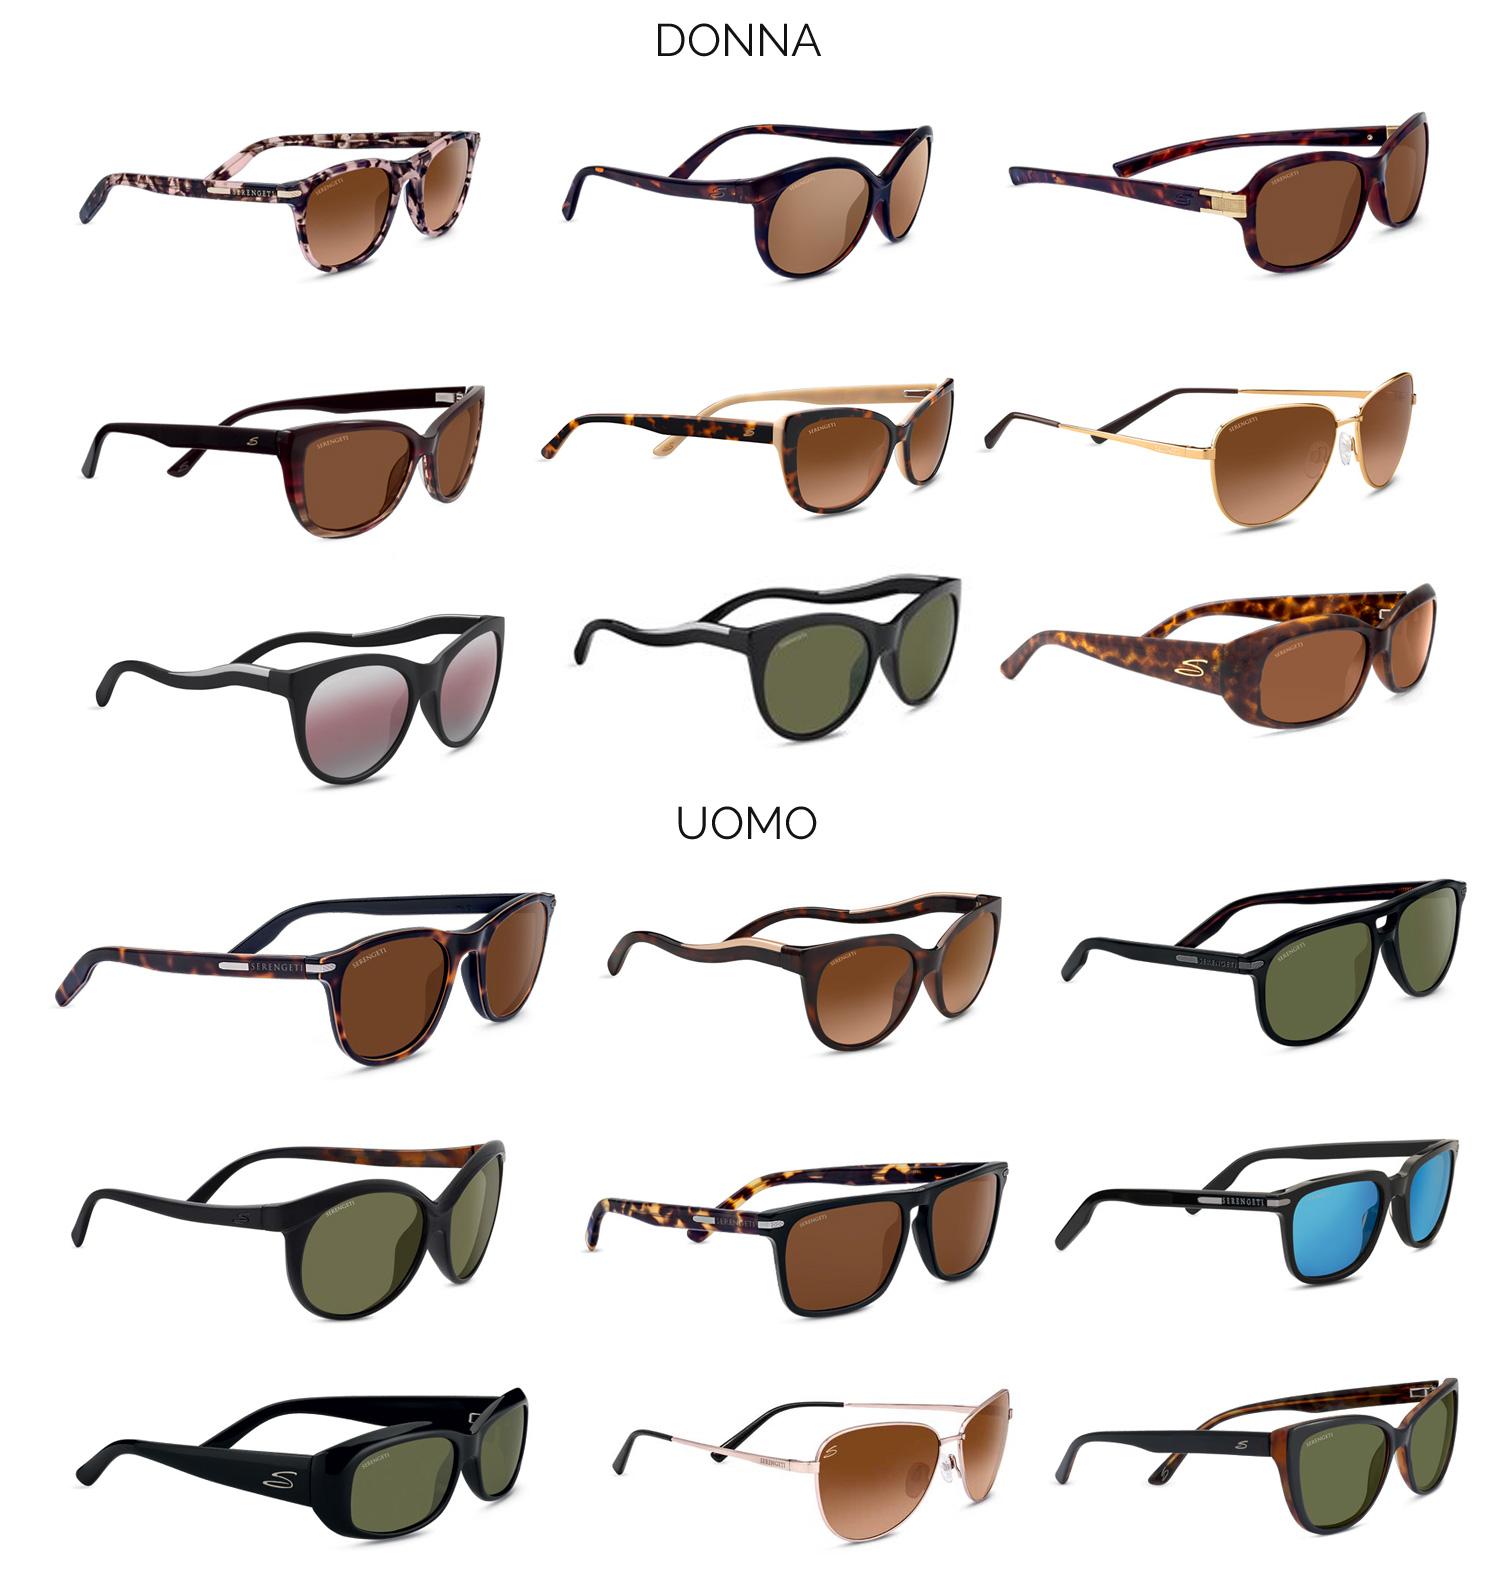 serengeti-occhiali-sole-uomo-donna